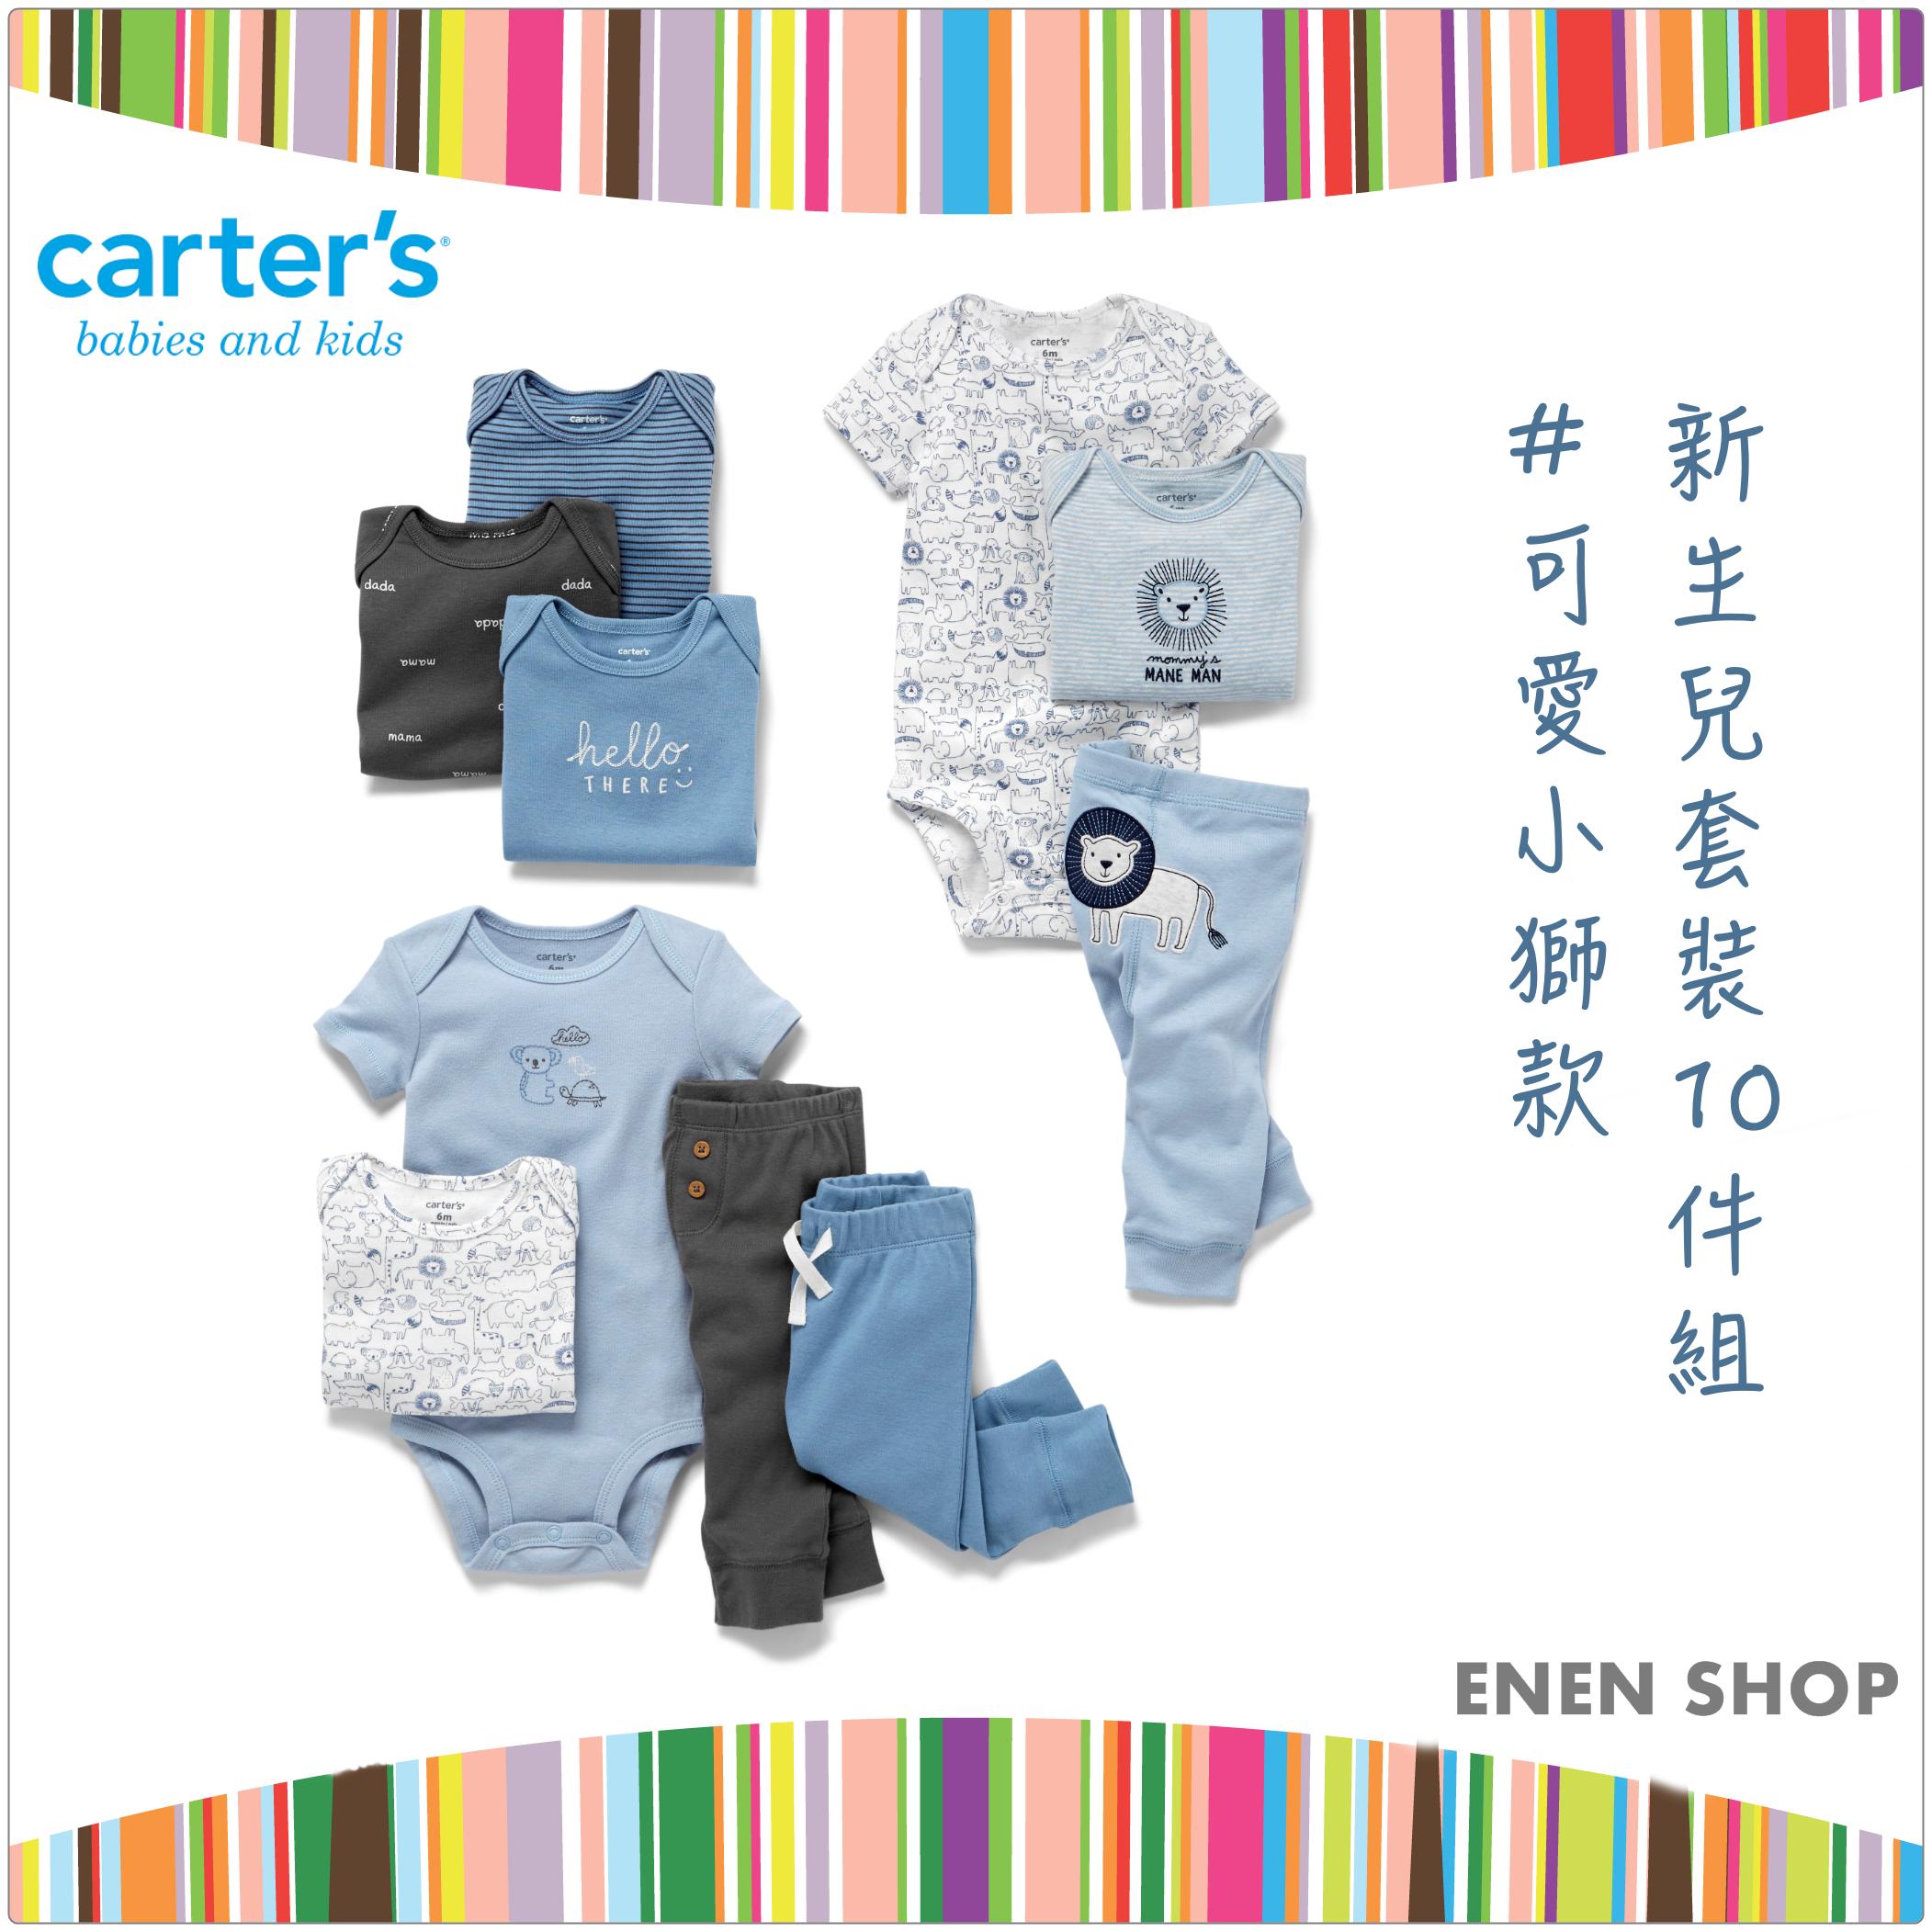 『Enen Shop』@Carters 可愛小獅款新生兒套裝10件組 #1l221310|3M/6M 新生兒/彌月禮